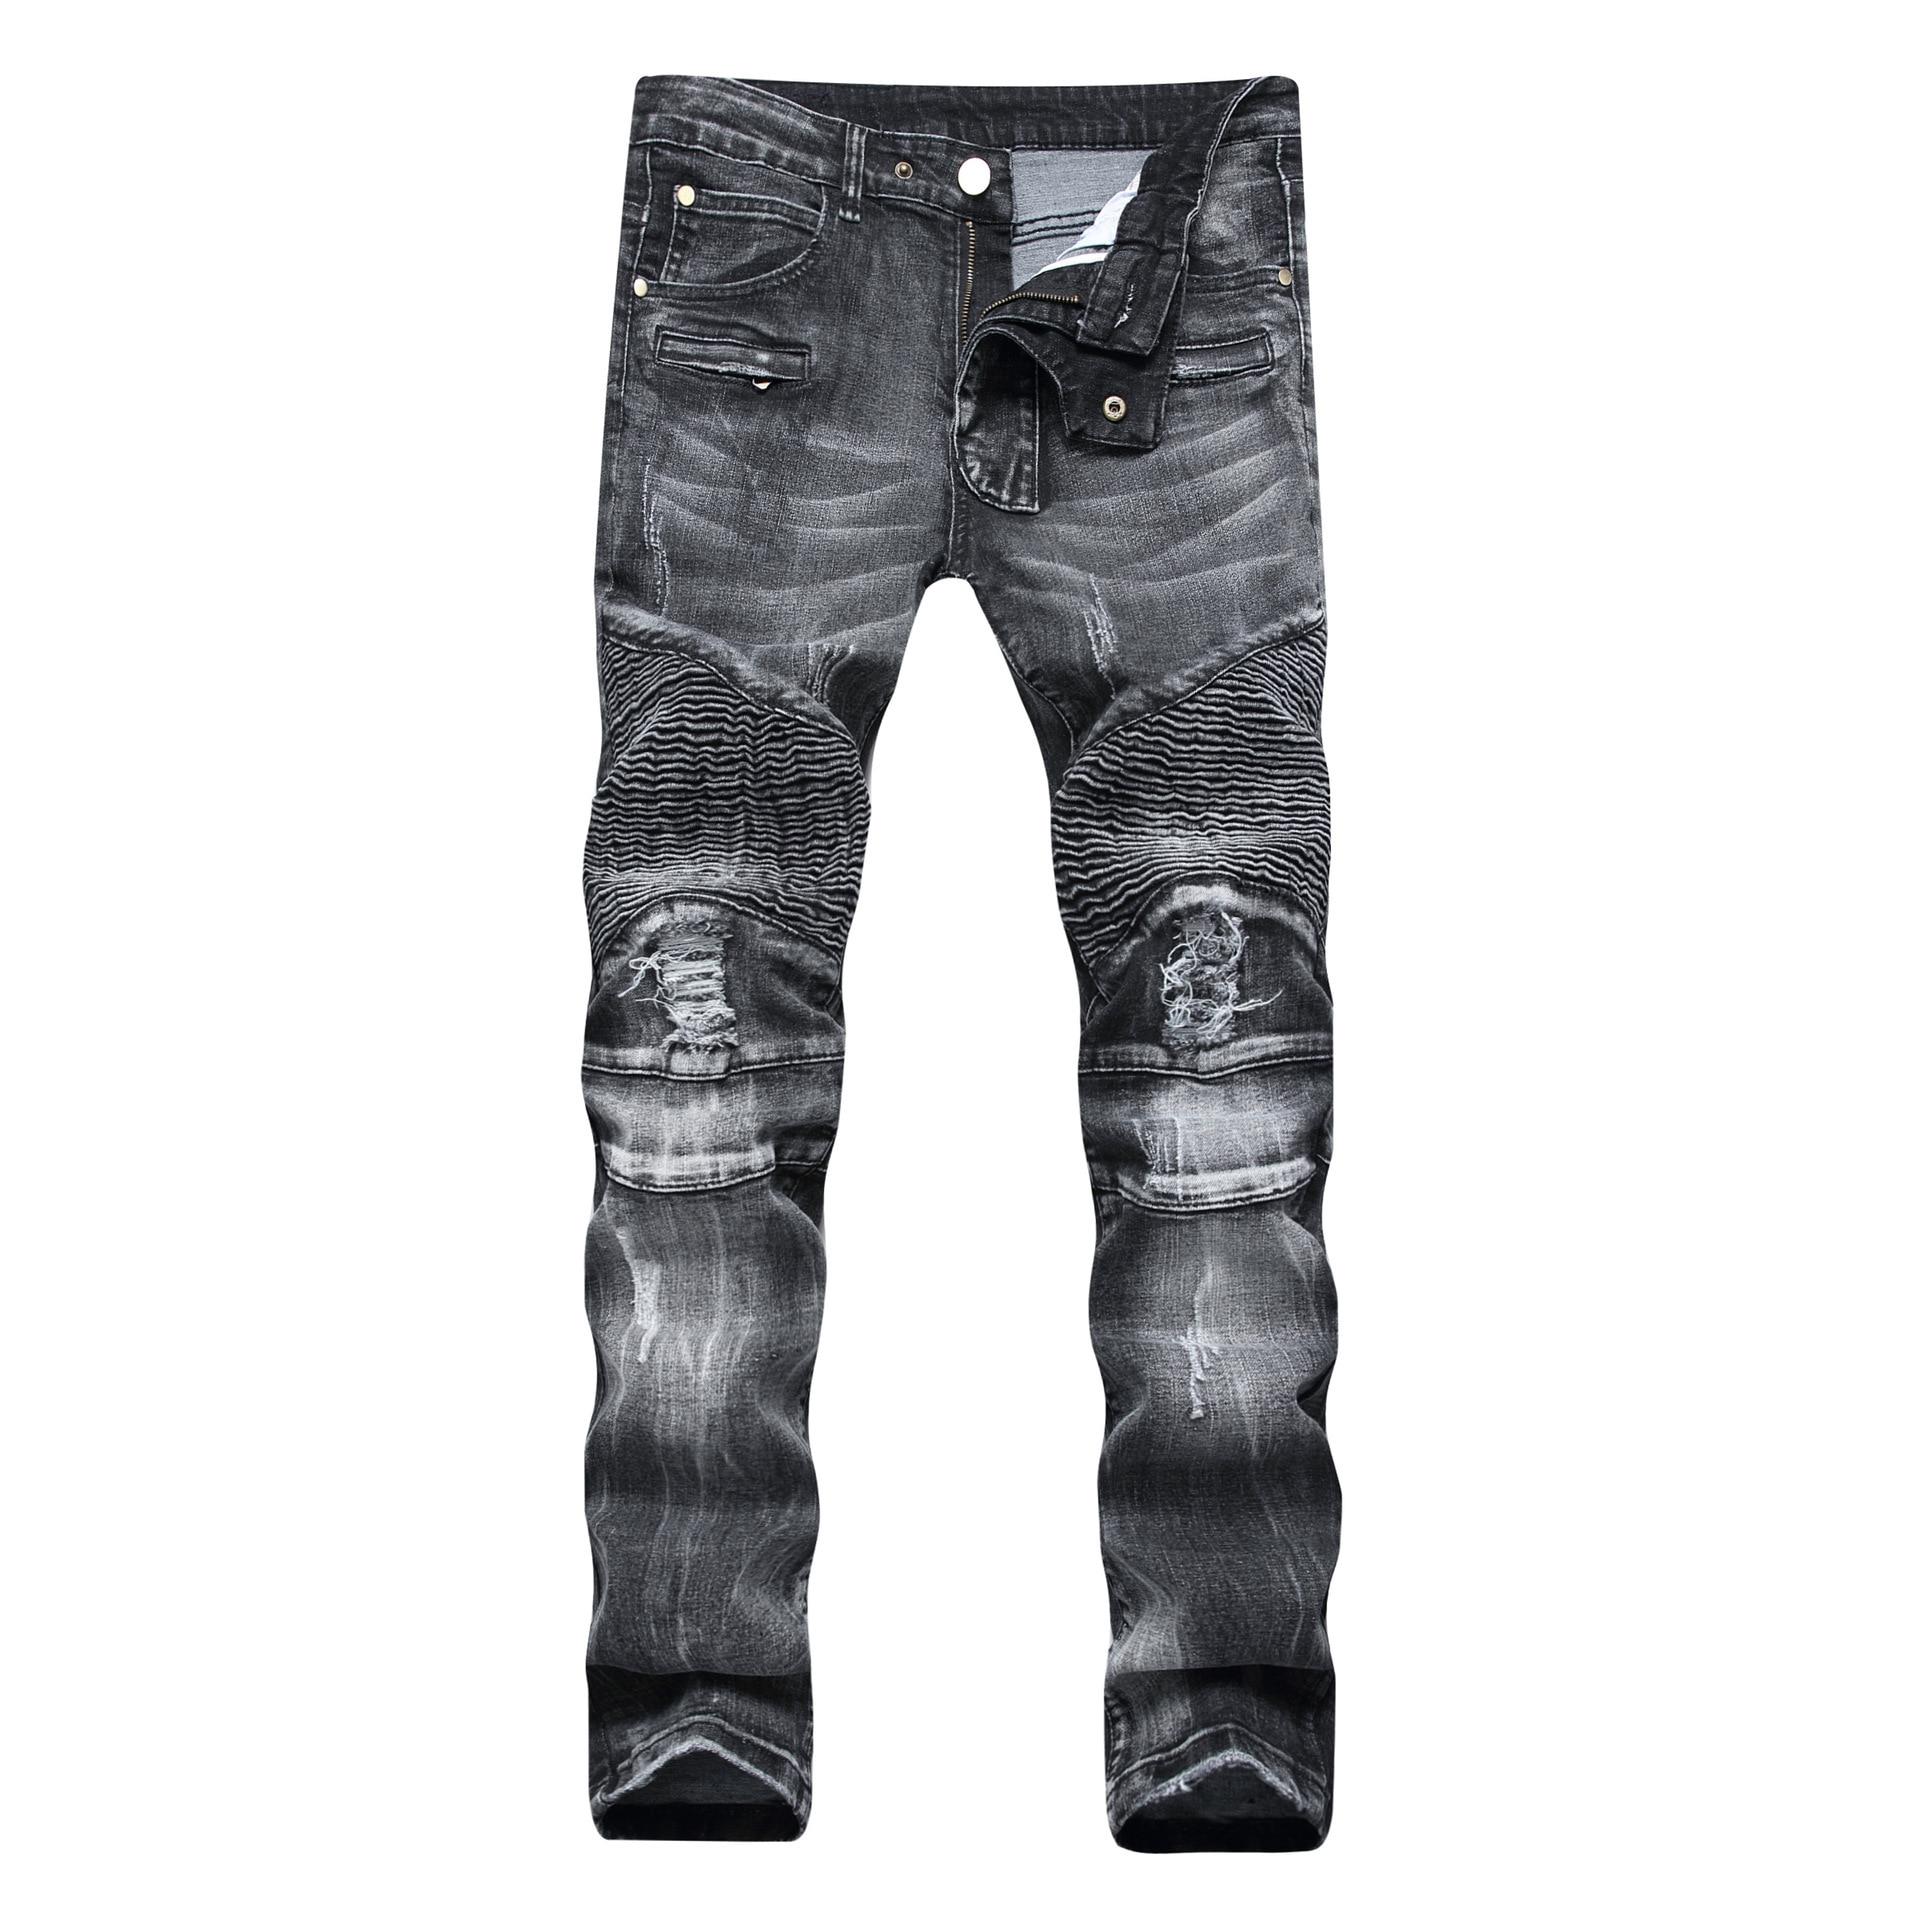 بنطلون جينز من الجينز ذو فتحات ممزقة للرجال مقاس 28-38 40 42 موضة ربيع 2021 ملابس شتوية شتوية هيب هوب بانك